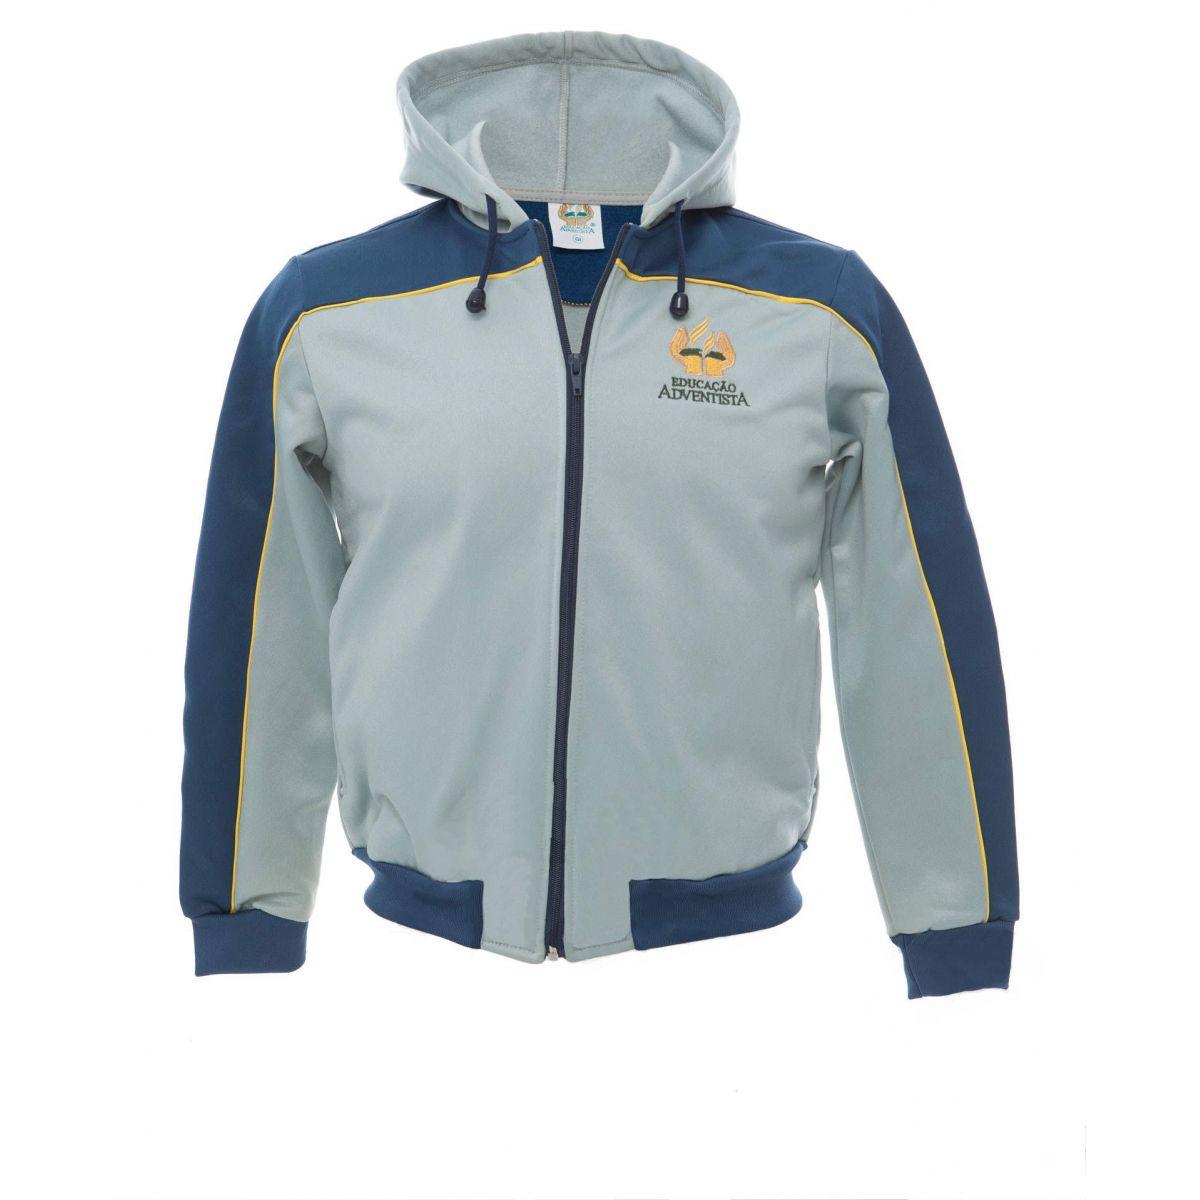 Blusa de Moleton C/ Capuz - PPI ( 4 )